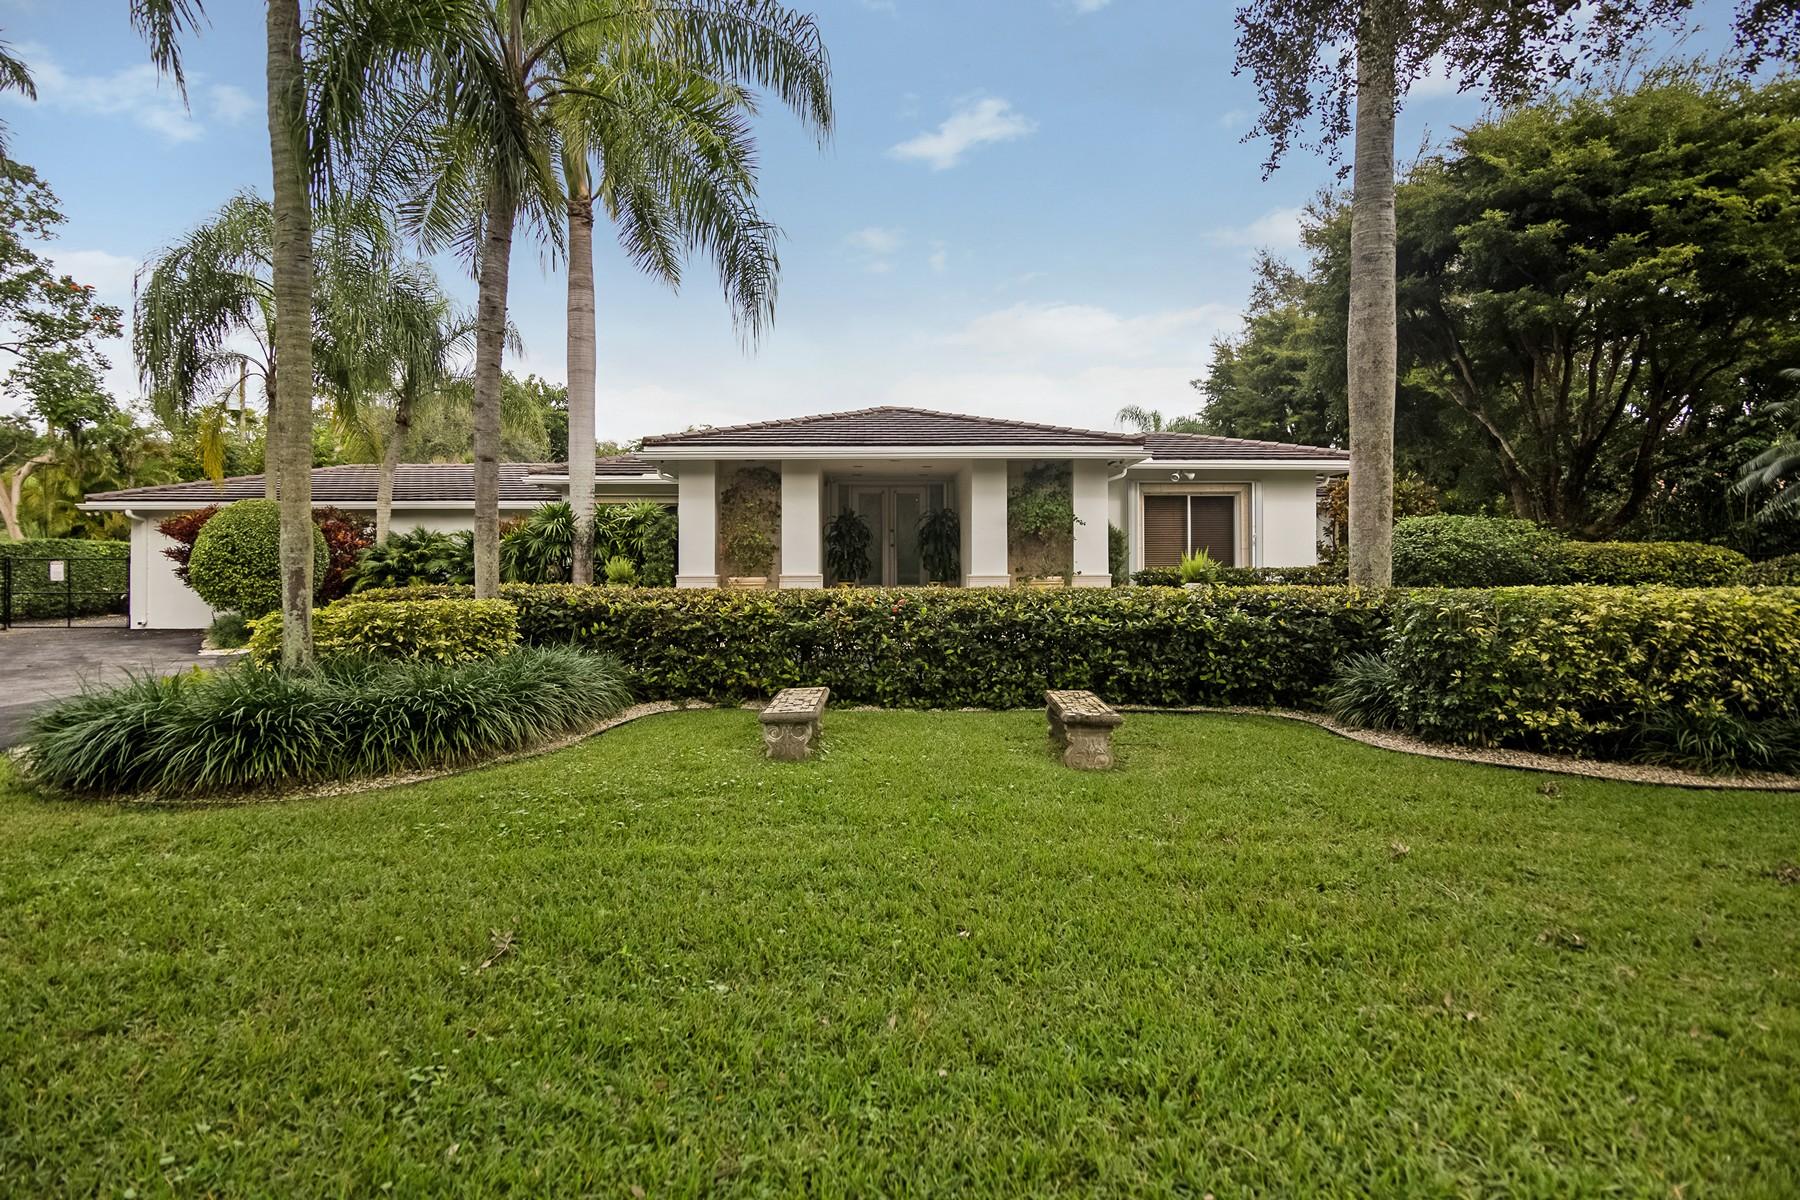 独户住宅 为 销售 在 6505 SW 92 St 6505 Sw 92nd St 派恩克雷斯特, 佛罗里达州, 33156 美国